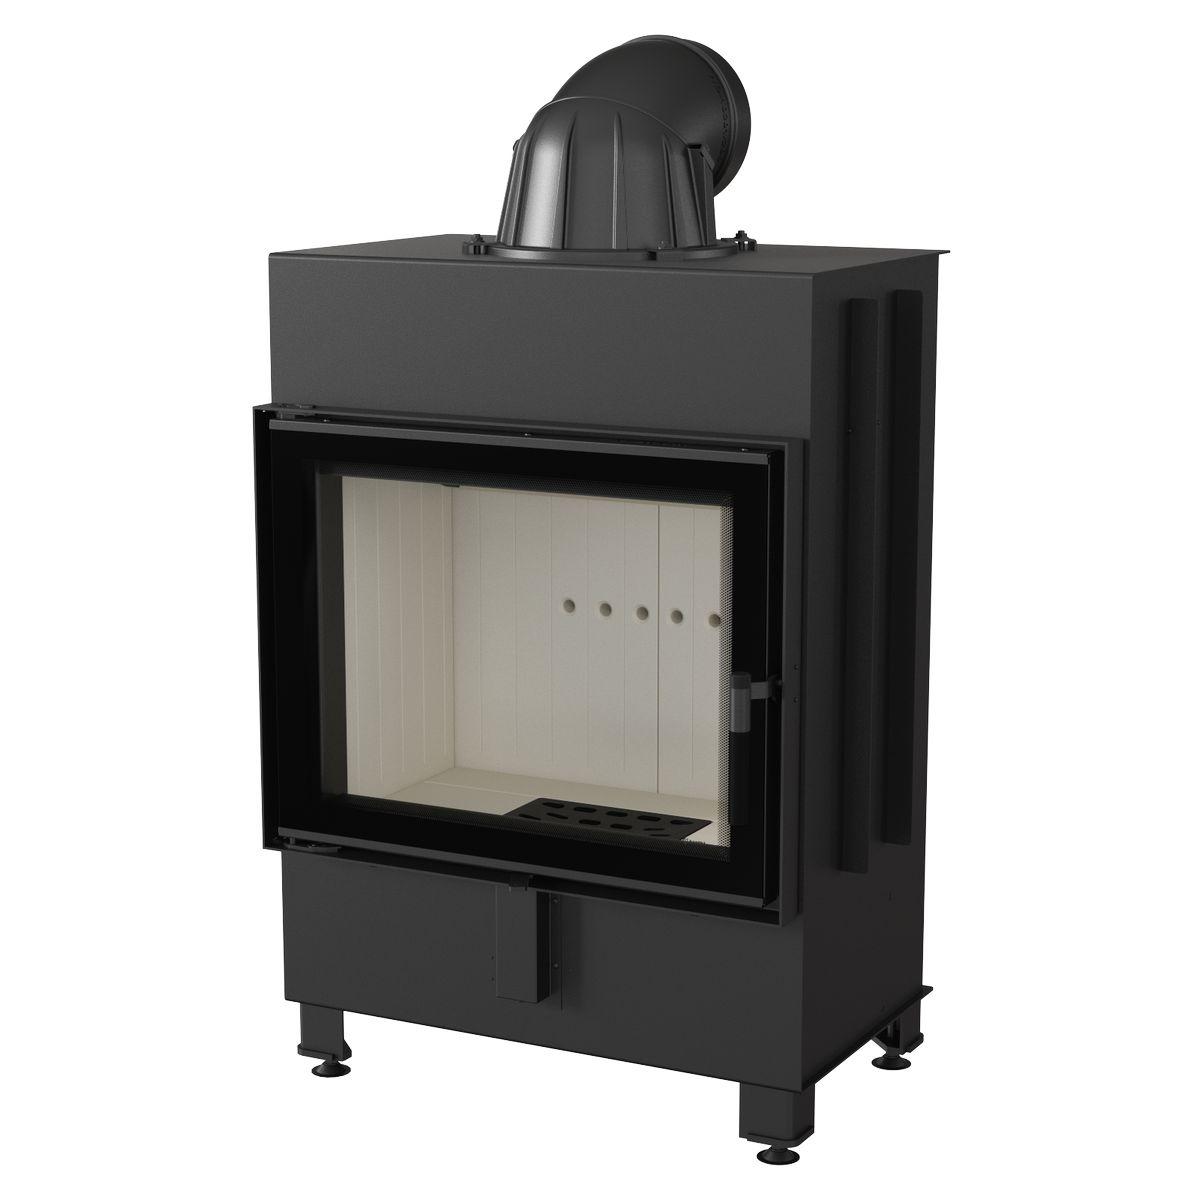 kamineinsatz kratki lucy 12 kw. Black Bedroom Furniture Sets. Home Design Ideas